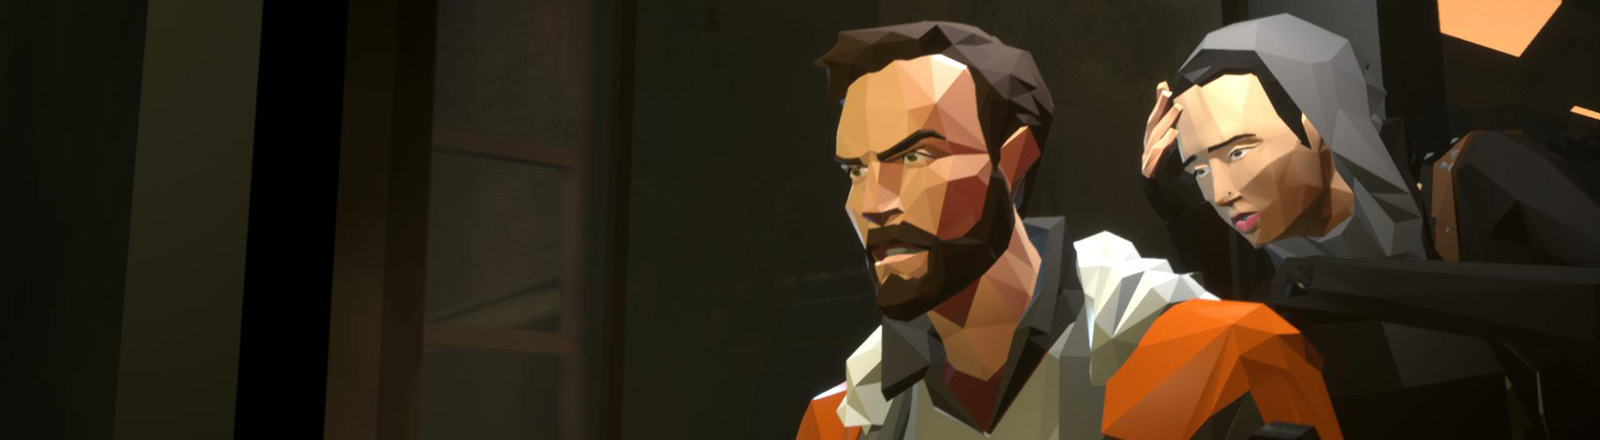 Screenshot des Computerspiels State of Mind Daedelic von Entertainment